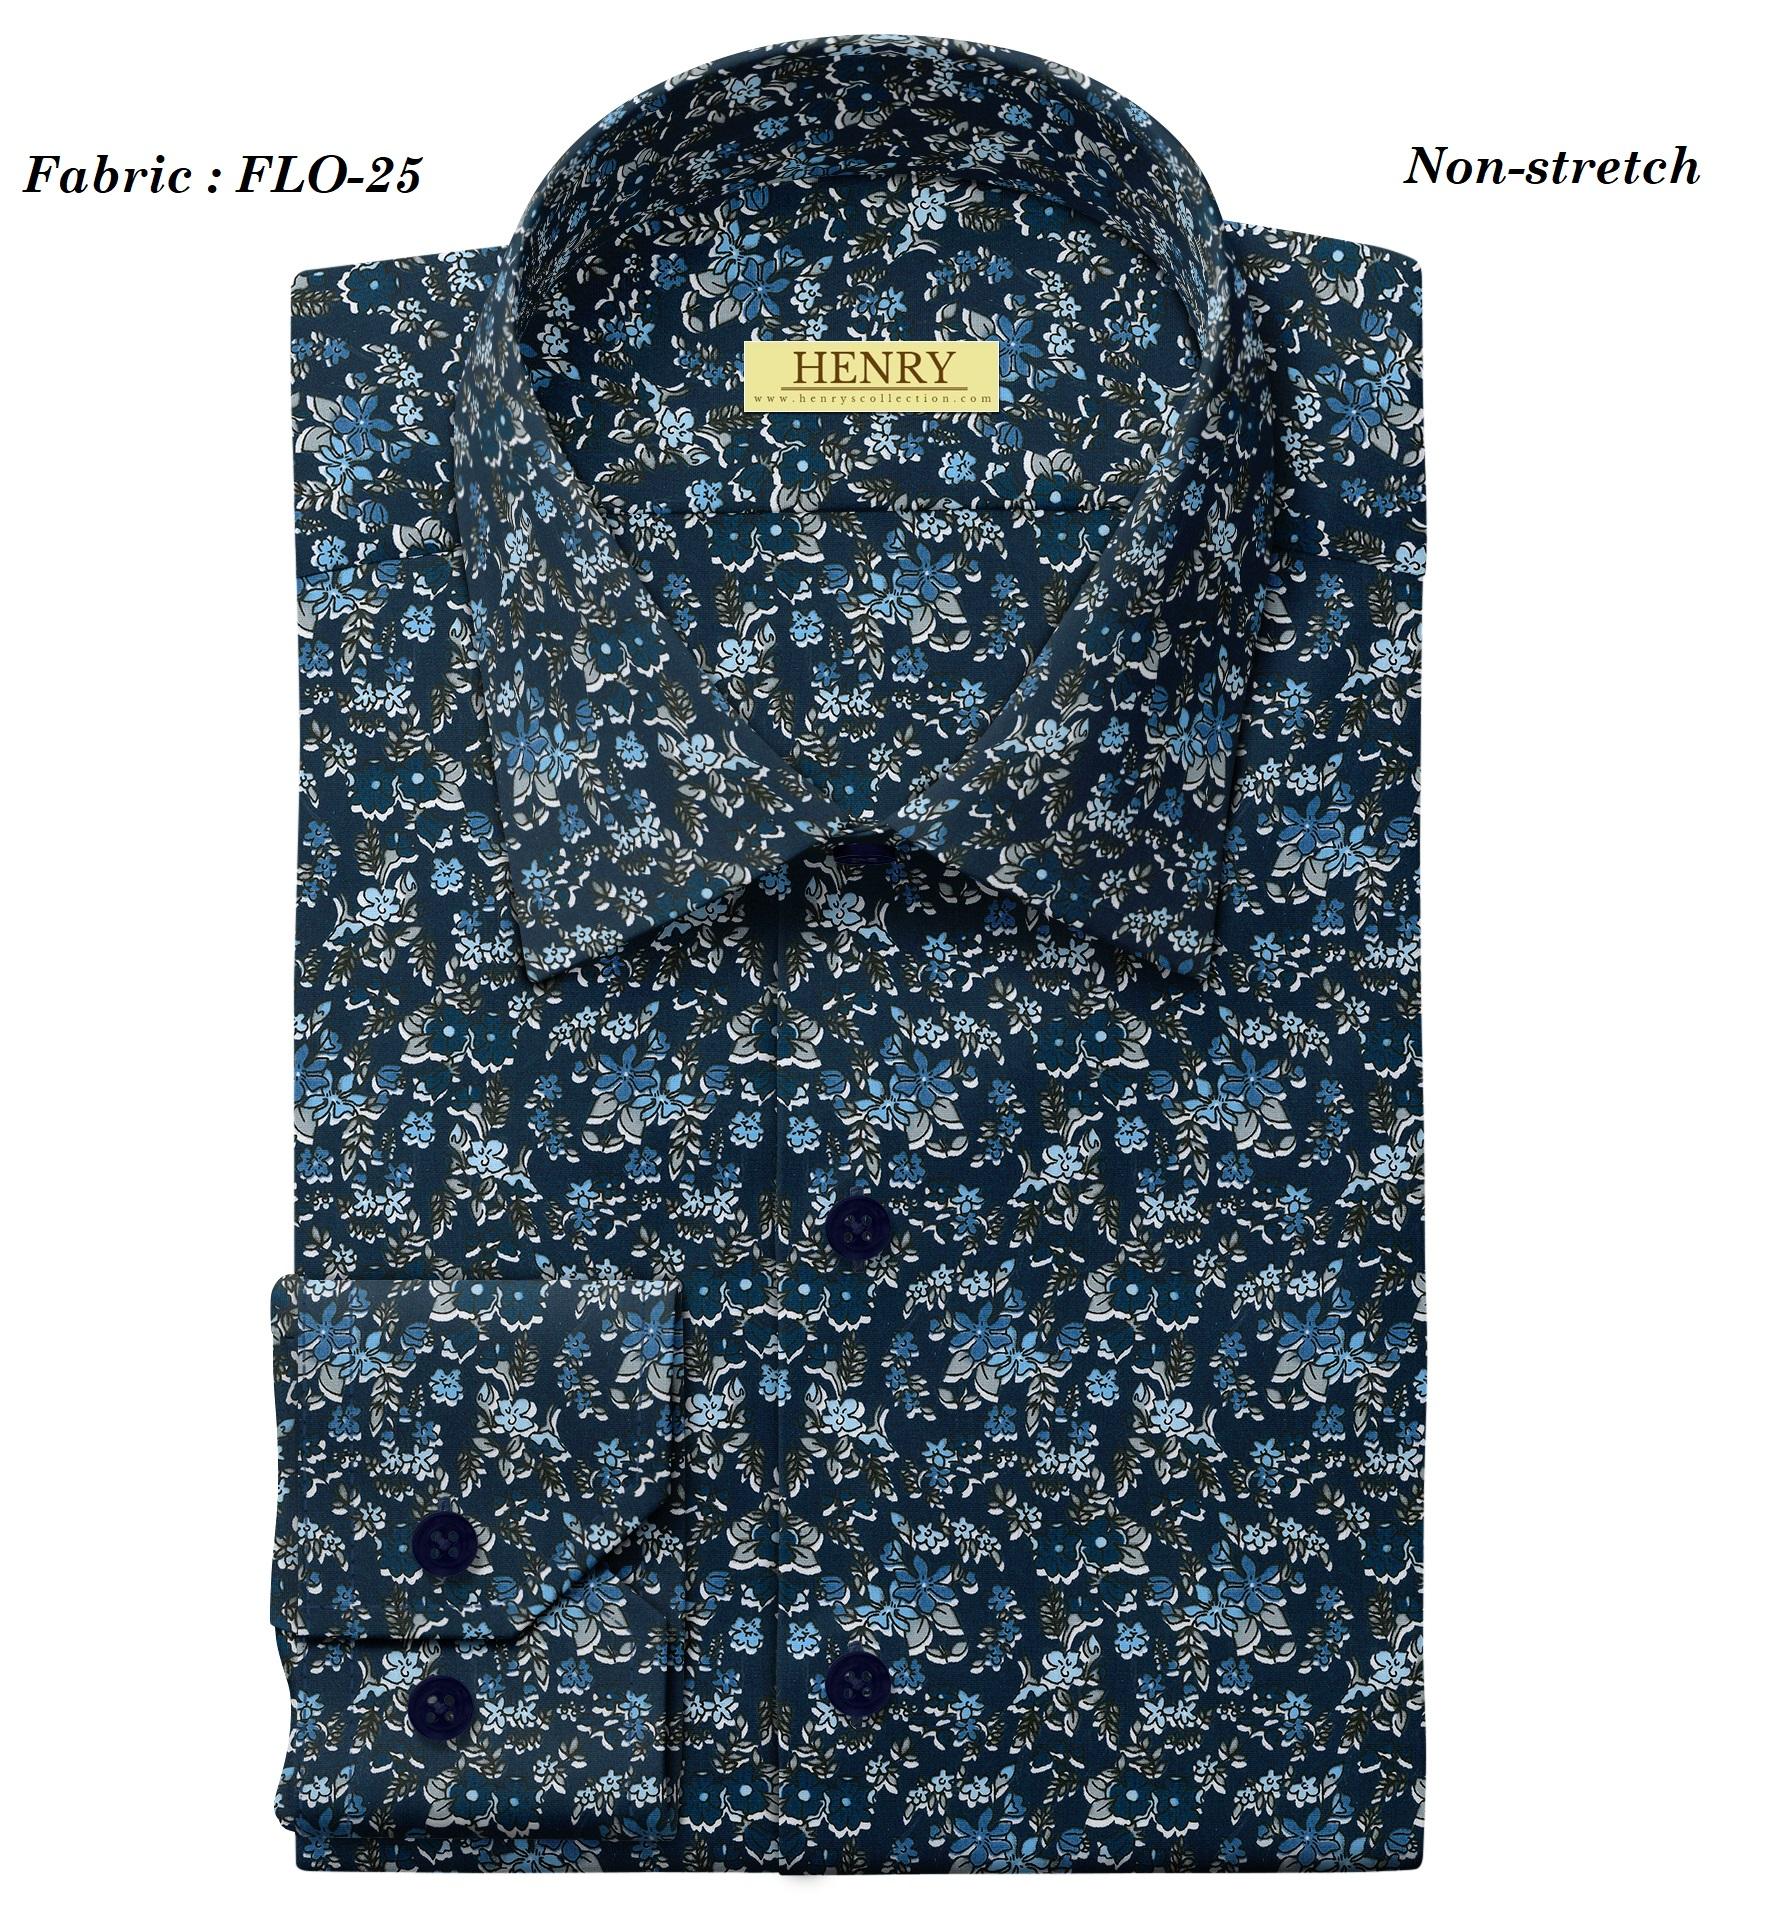 (162) FLO-25